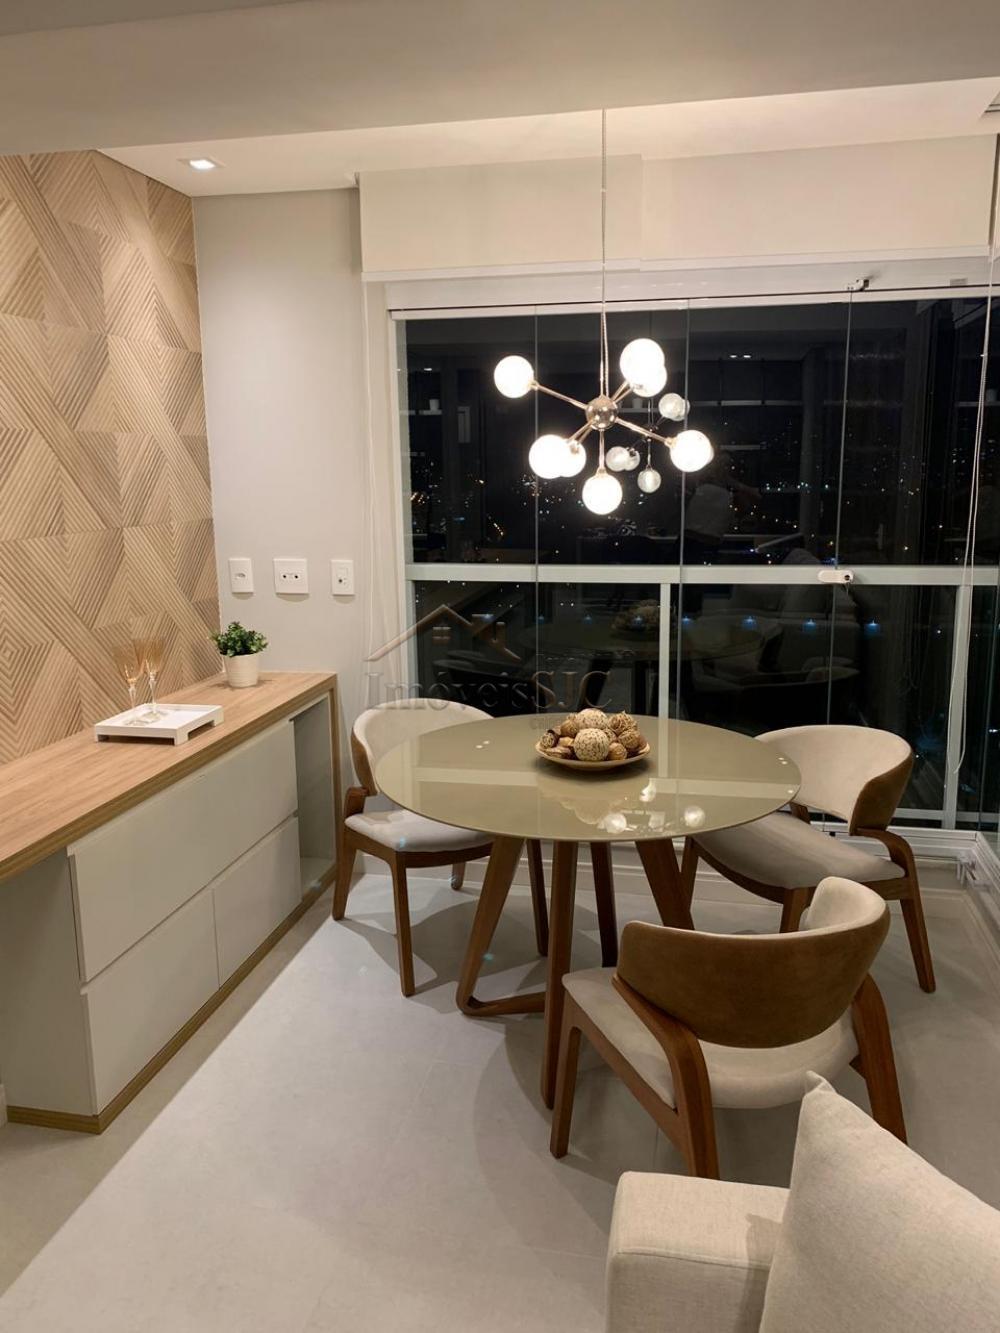 Alugar Apartamentos / Flat em São José dos Campos apenas R$ 2.800,00 - Foto 5